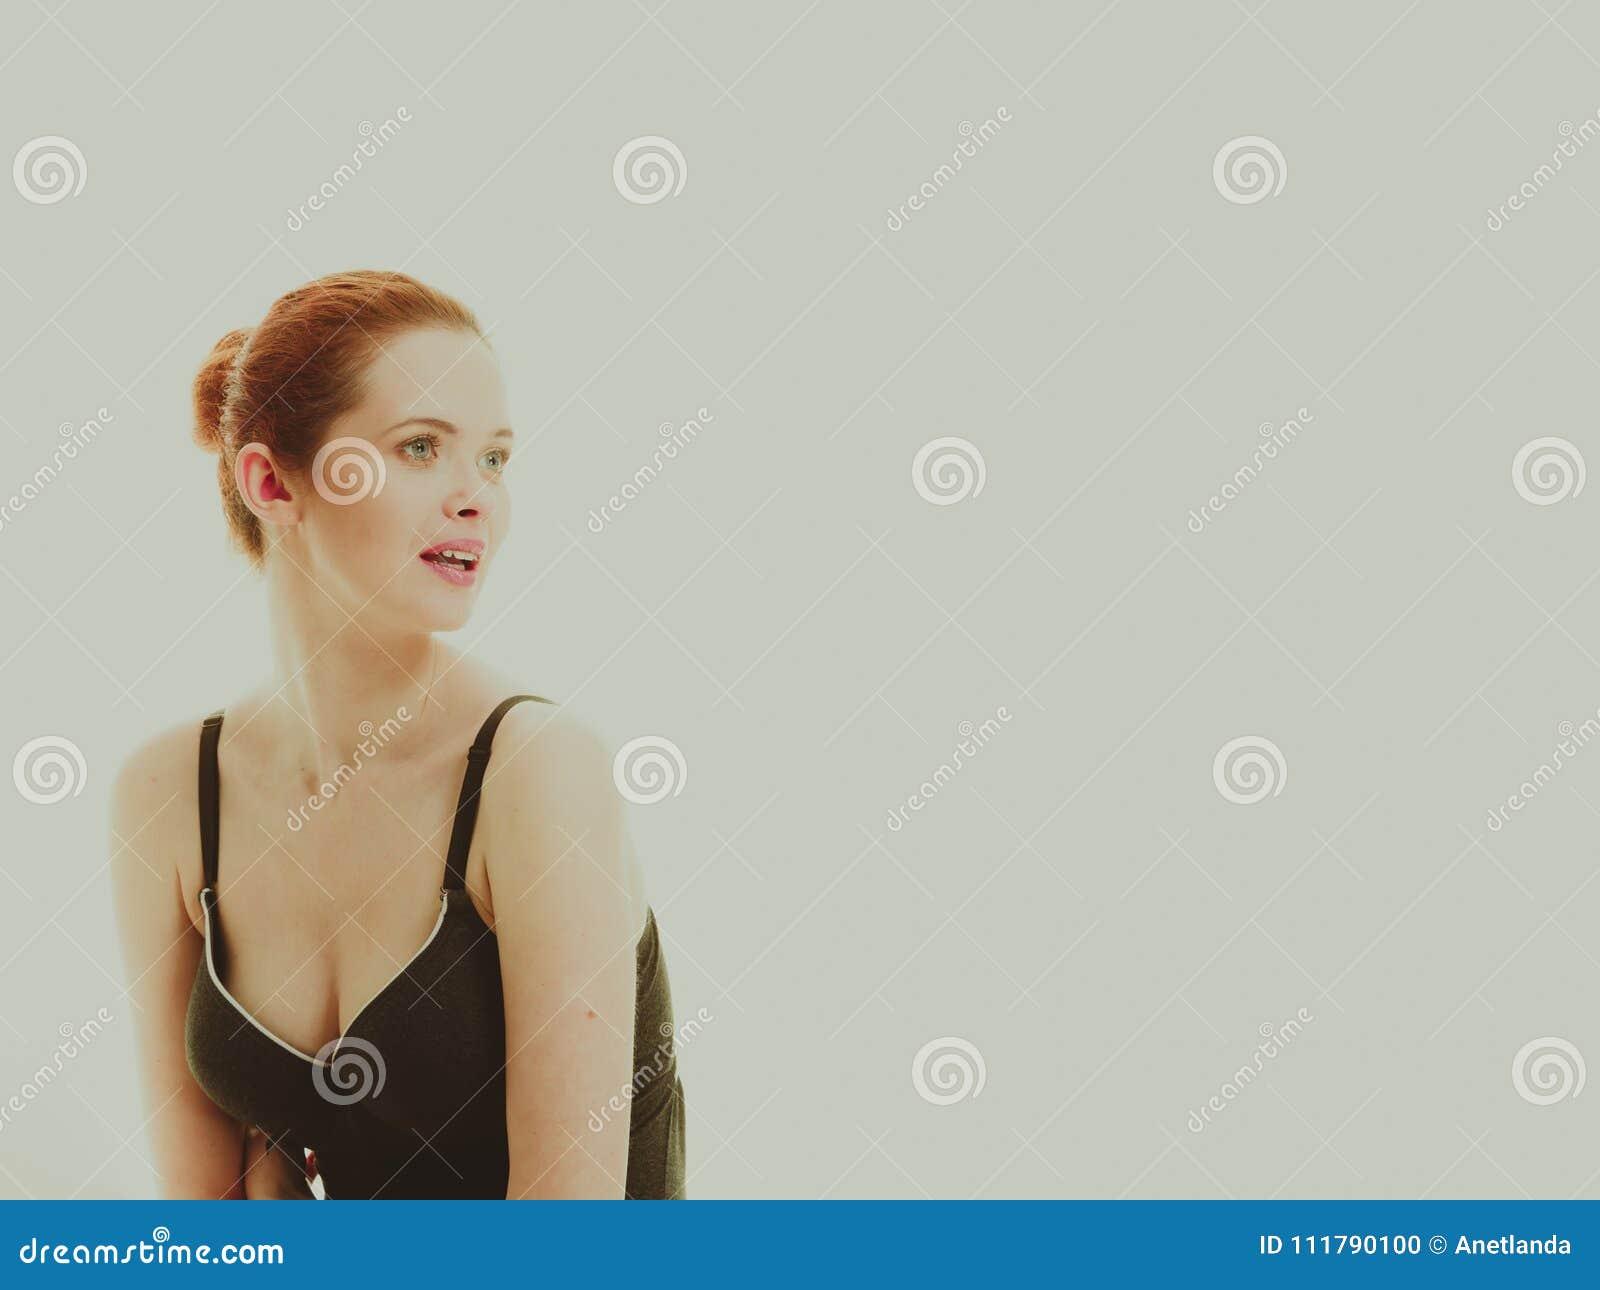 df34d55d72fc Mujer Atractiva En Ropa Interior Negra Del Estilo Del Traje De Baño ...